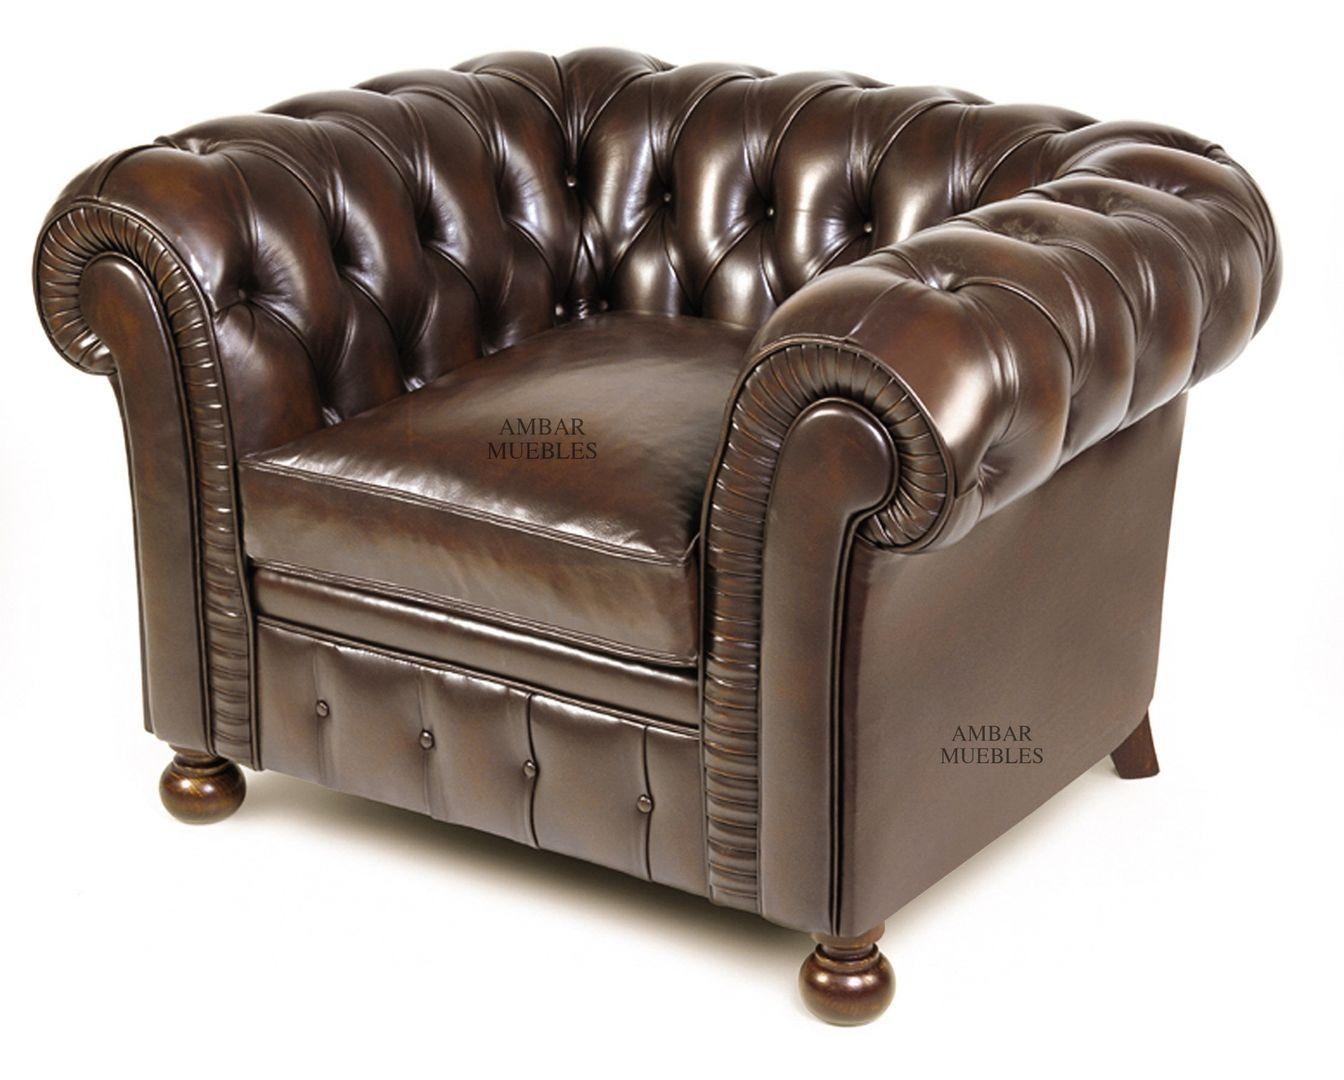 Sill N Piel Gales En Mbar Muebles Com Muebles Tapizados En  # Muebles Joseph And Pool